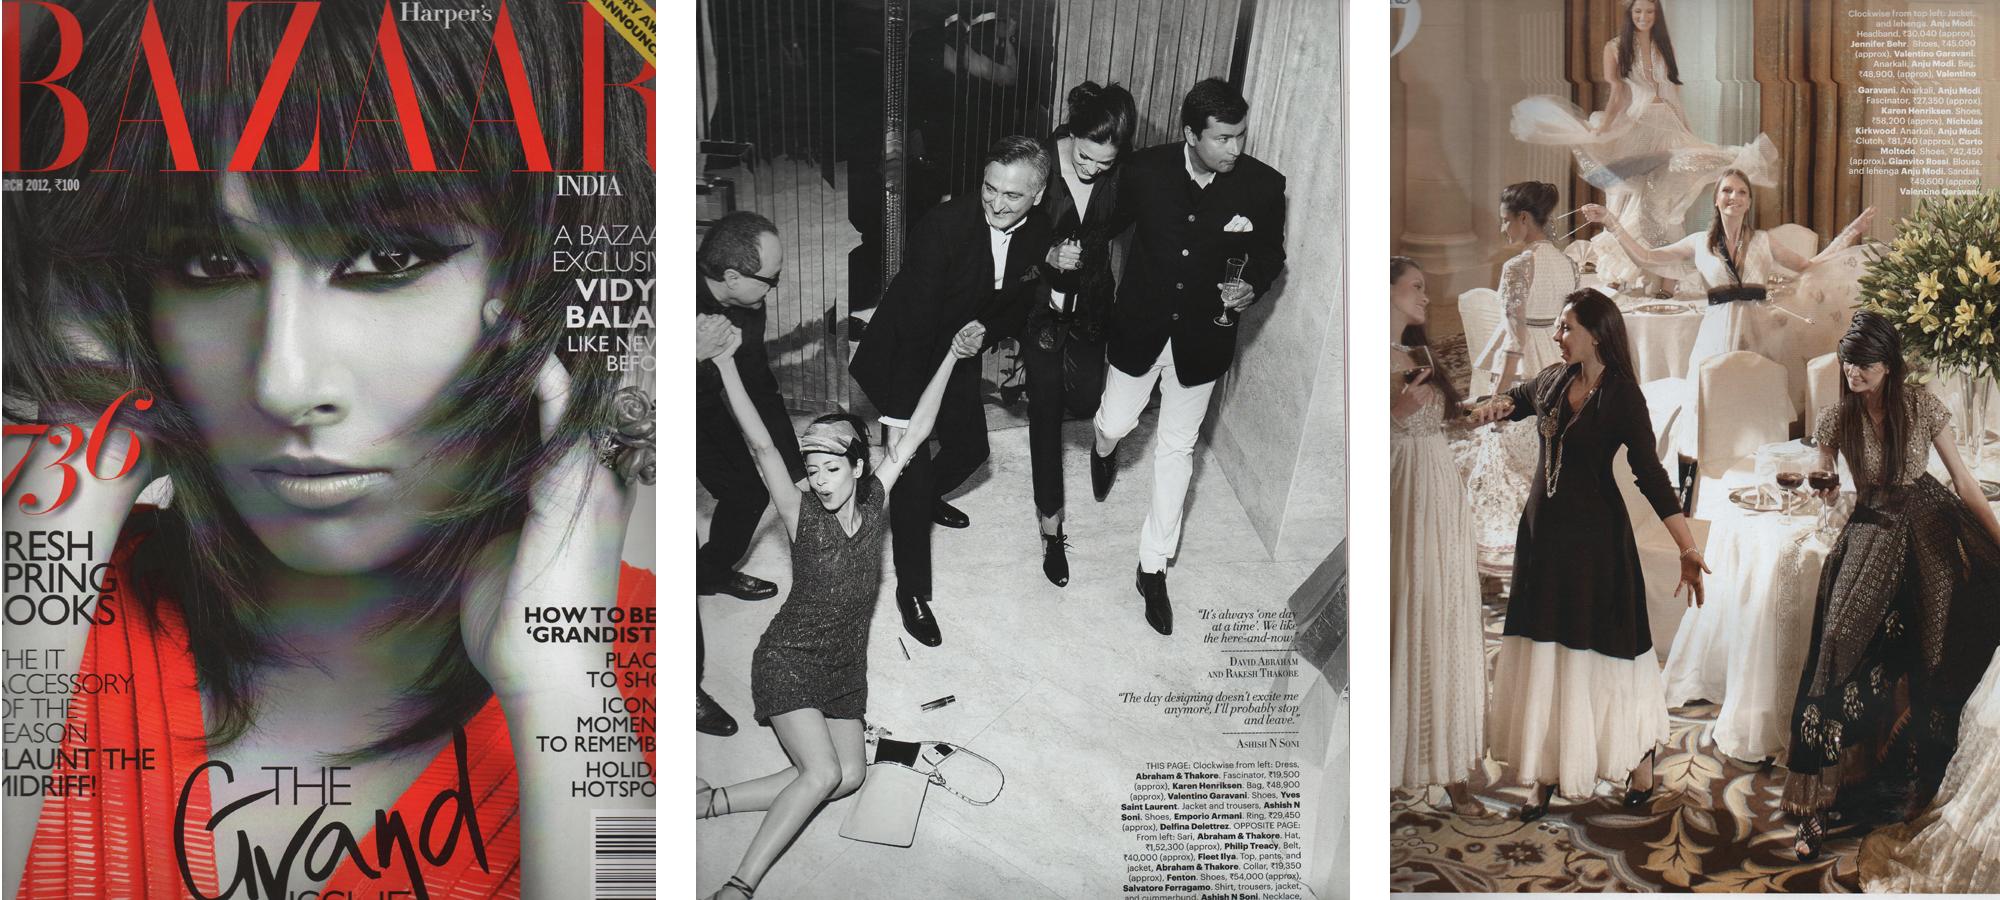 Harpers Bazaar India March 2012